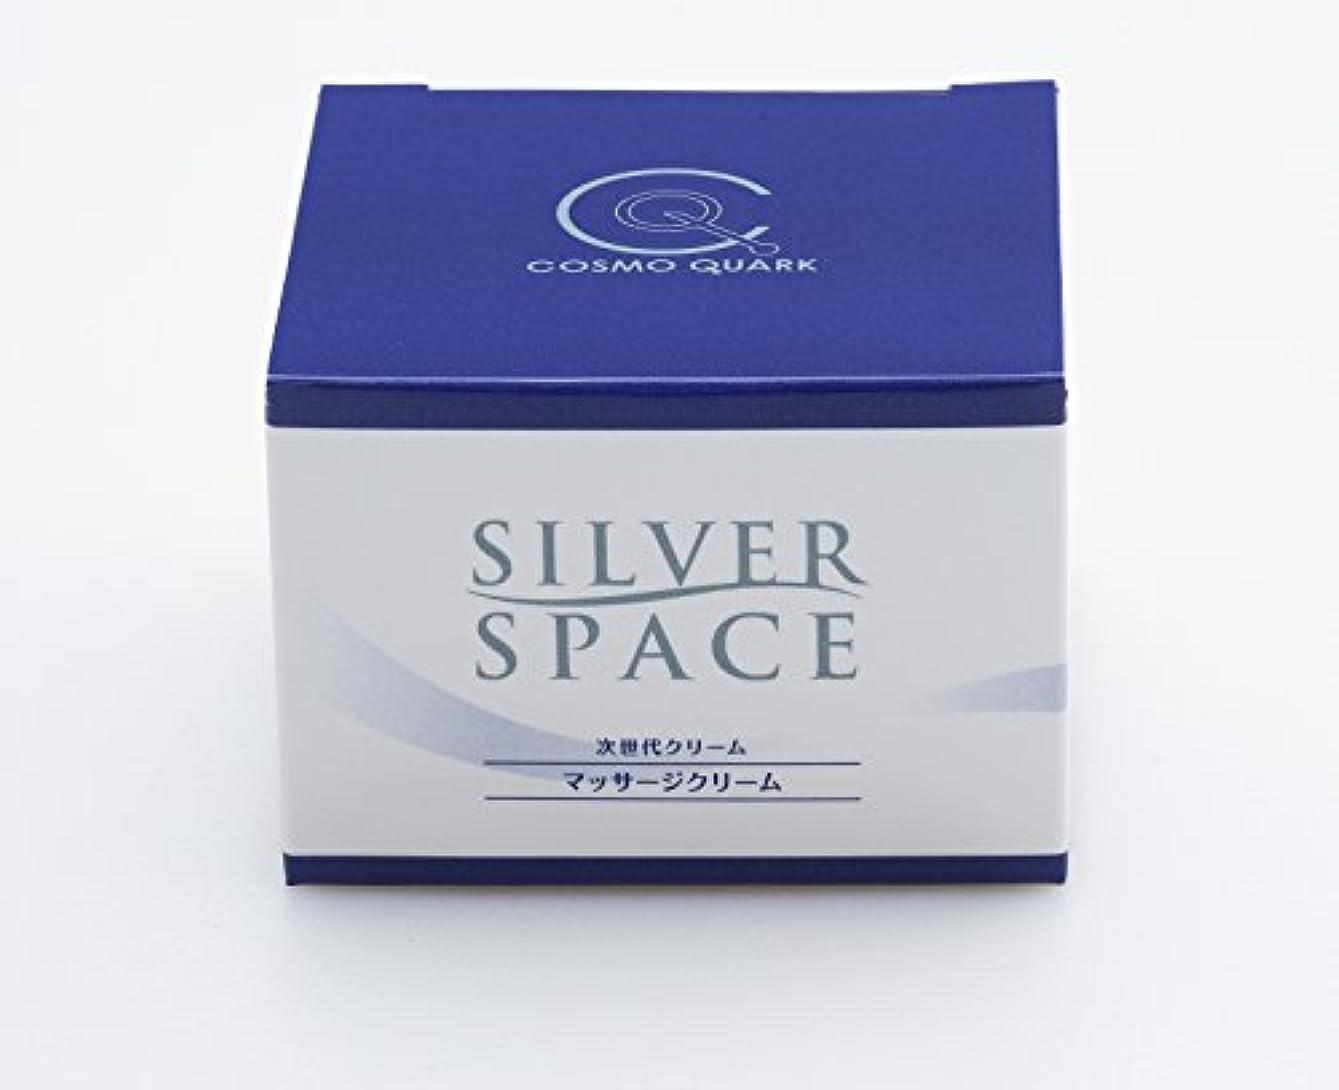 記念碑的な関連する最大化するクオンタムキュア(Quantum Cure)SILVER SPACE シルバースペース